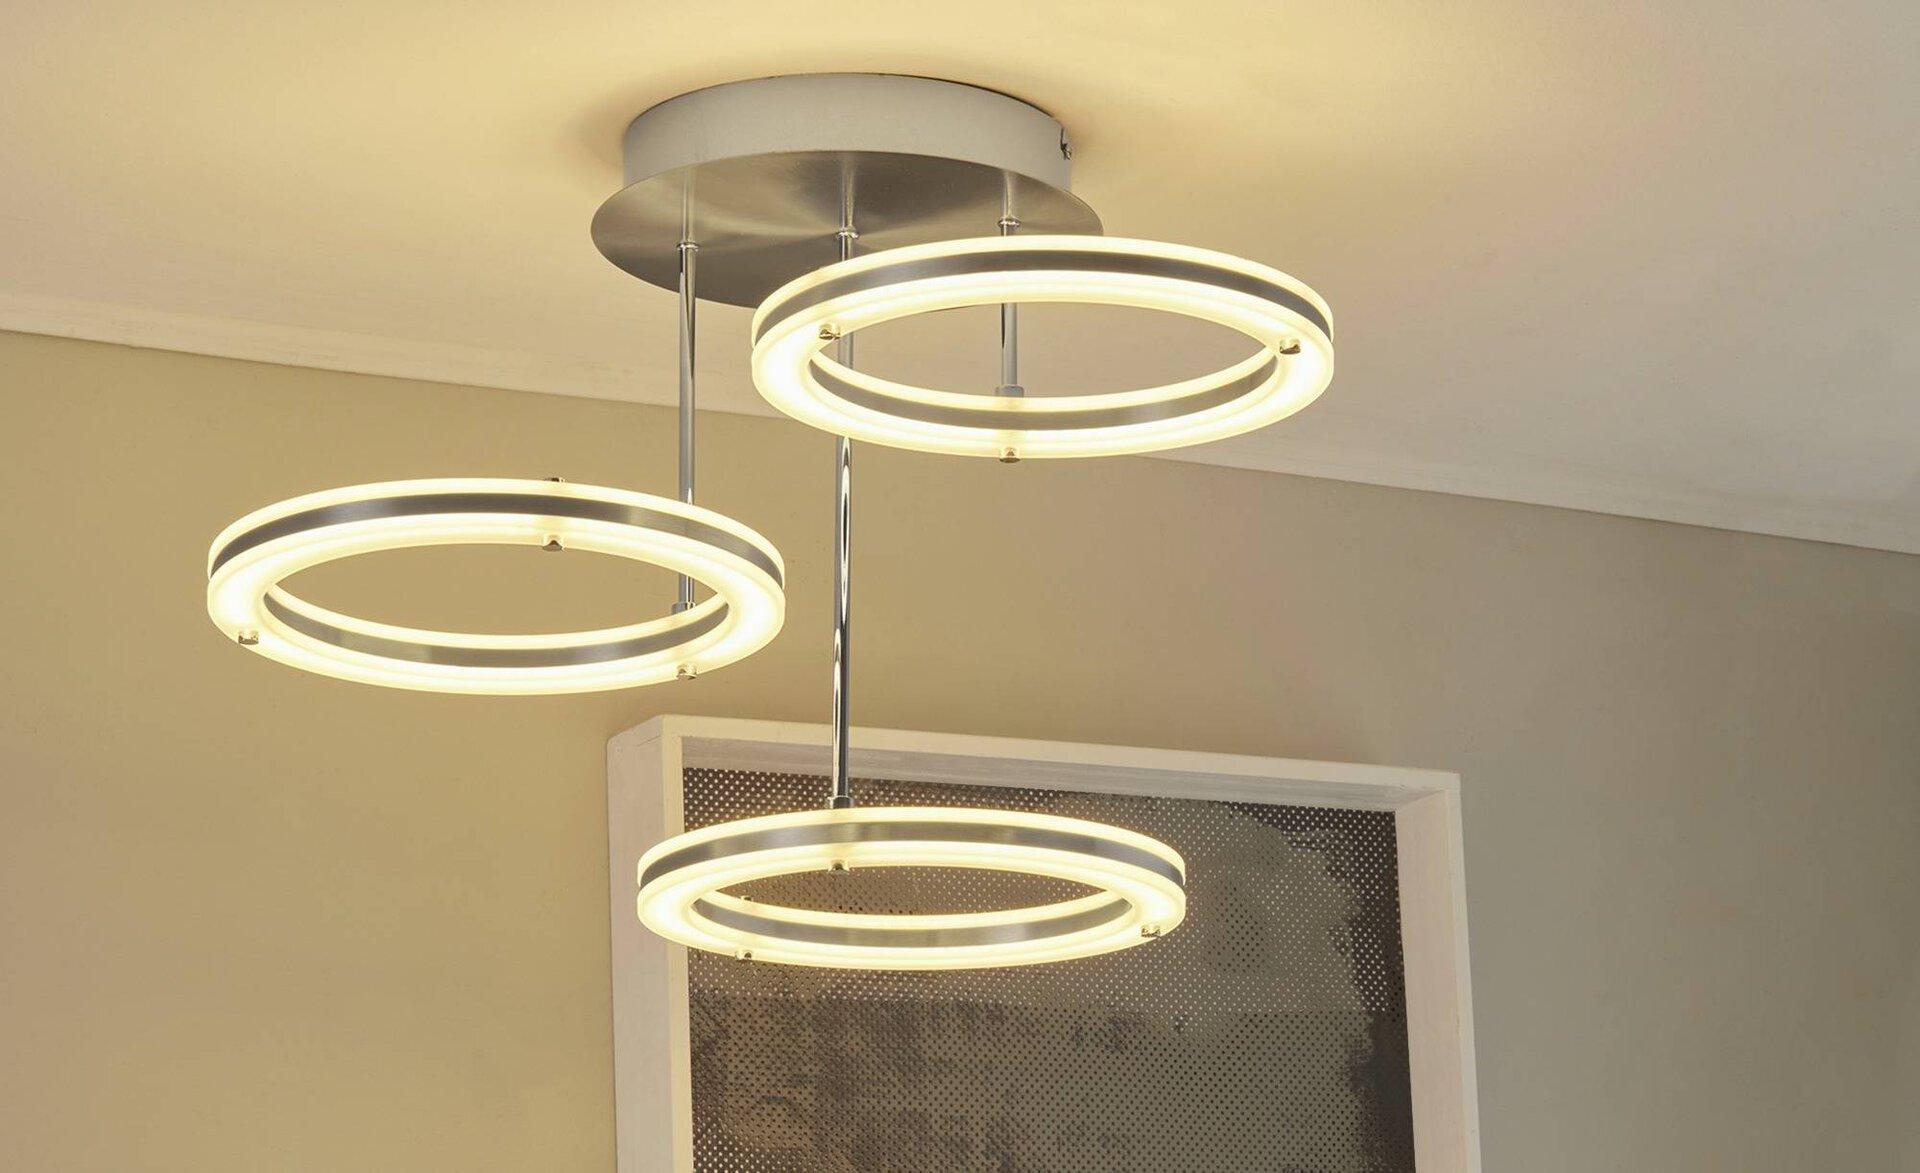 Deckenleuchte Mica B-Leuchten Metall 55 x 37 x 55 cm